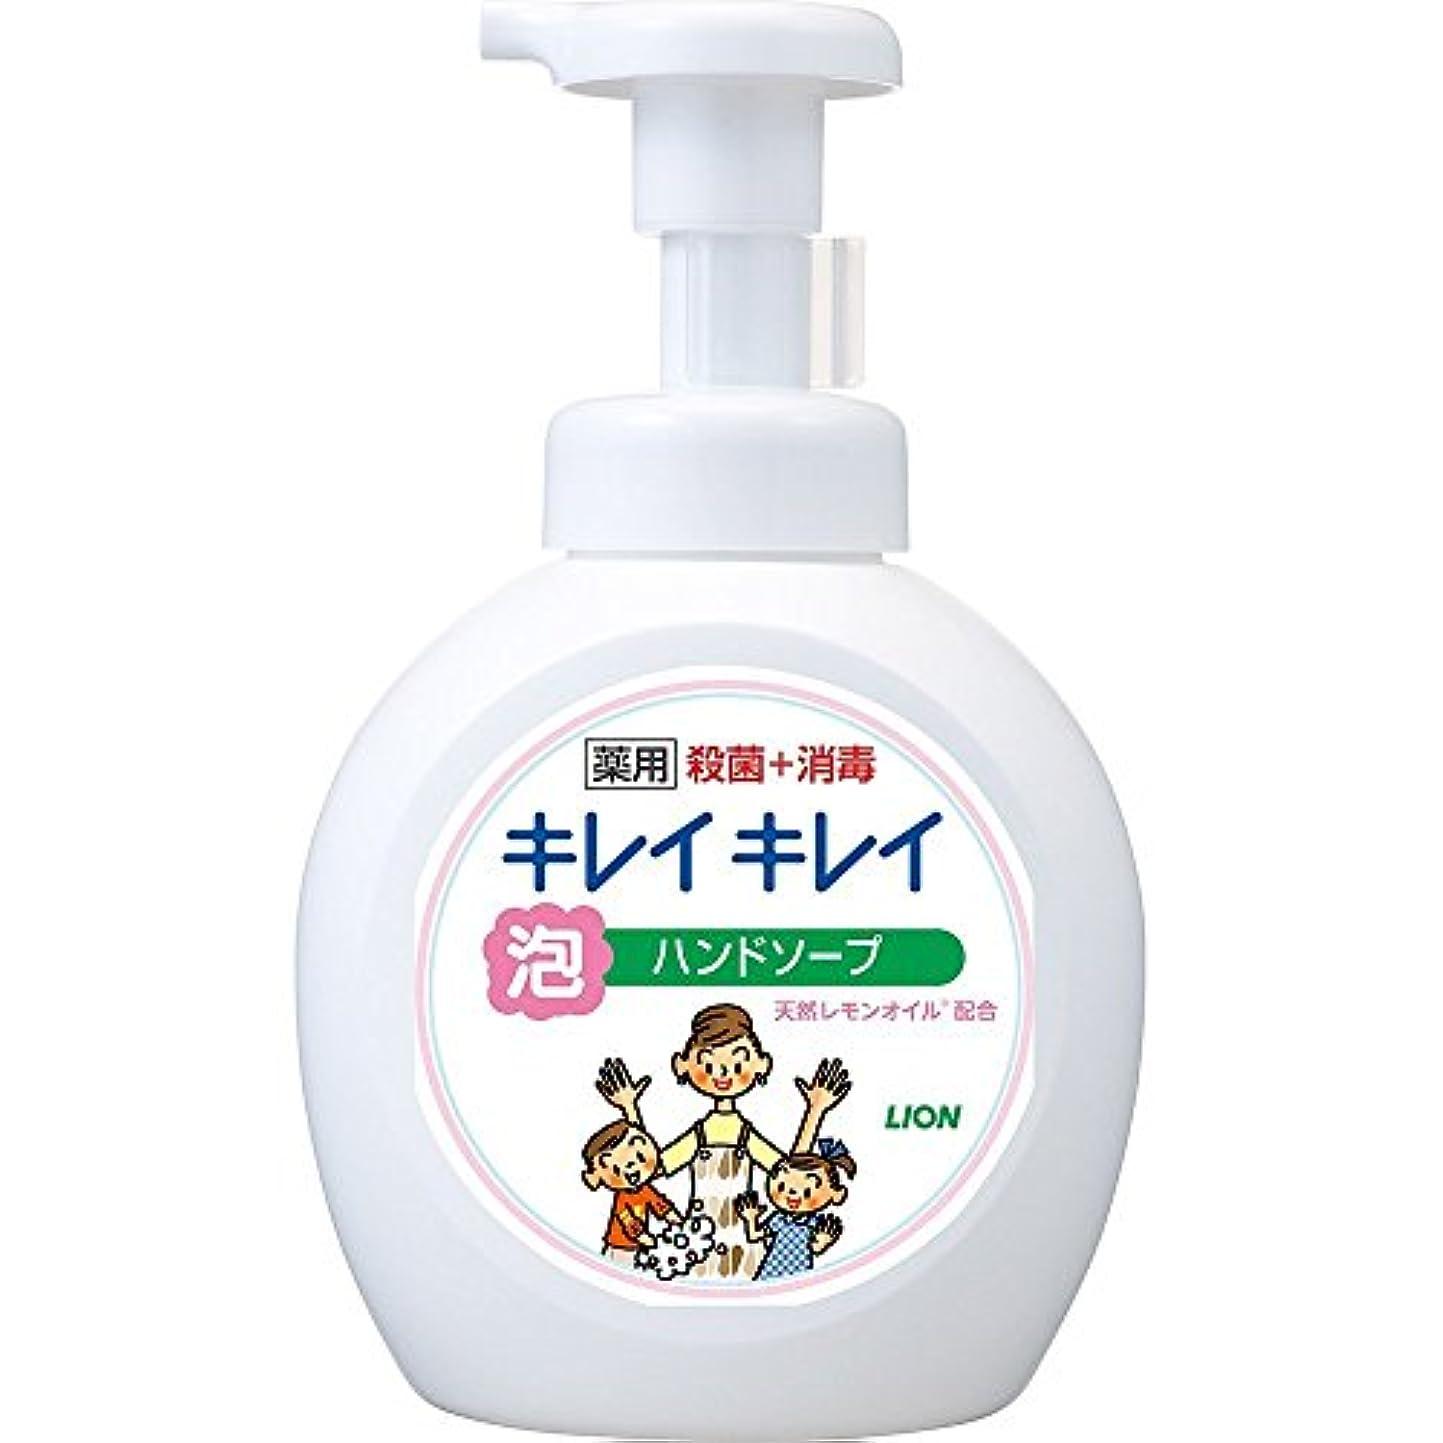 メドレー業界知り合いになるキレイキレイ 薬用 泡ハンドソープ シトラスフルーティの香り 本体ポンプ 大型サイズ 500ml(医薬部外品)